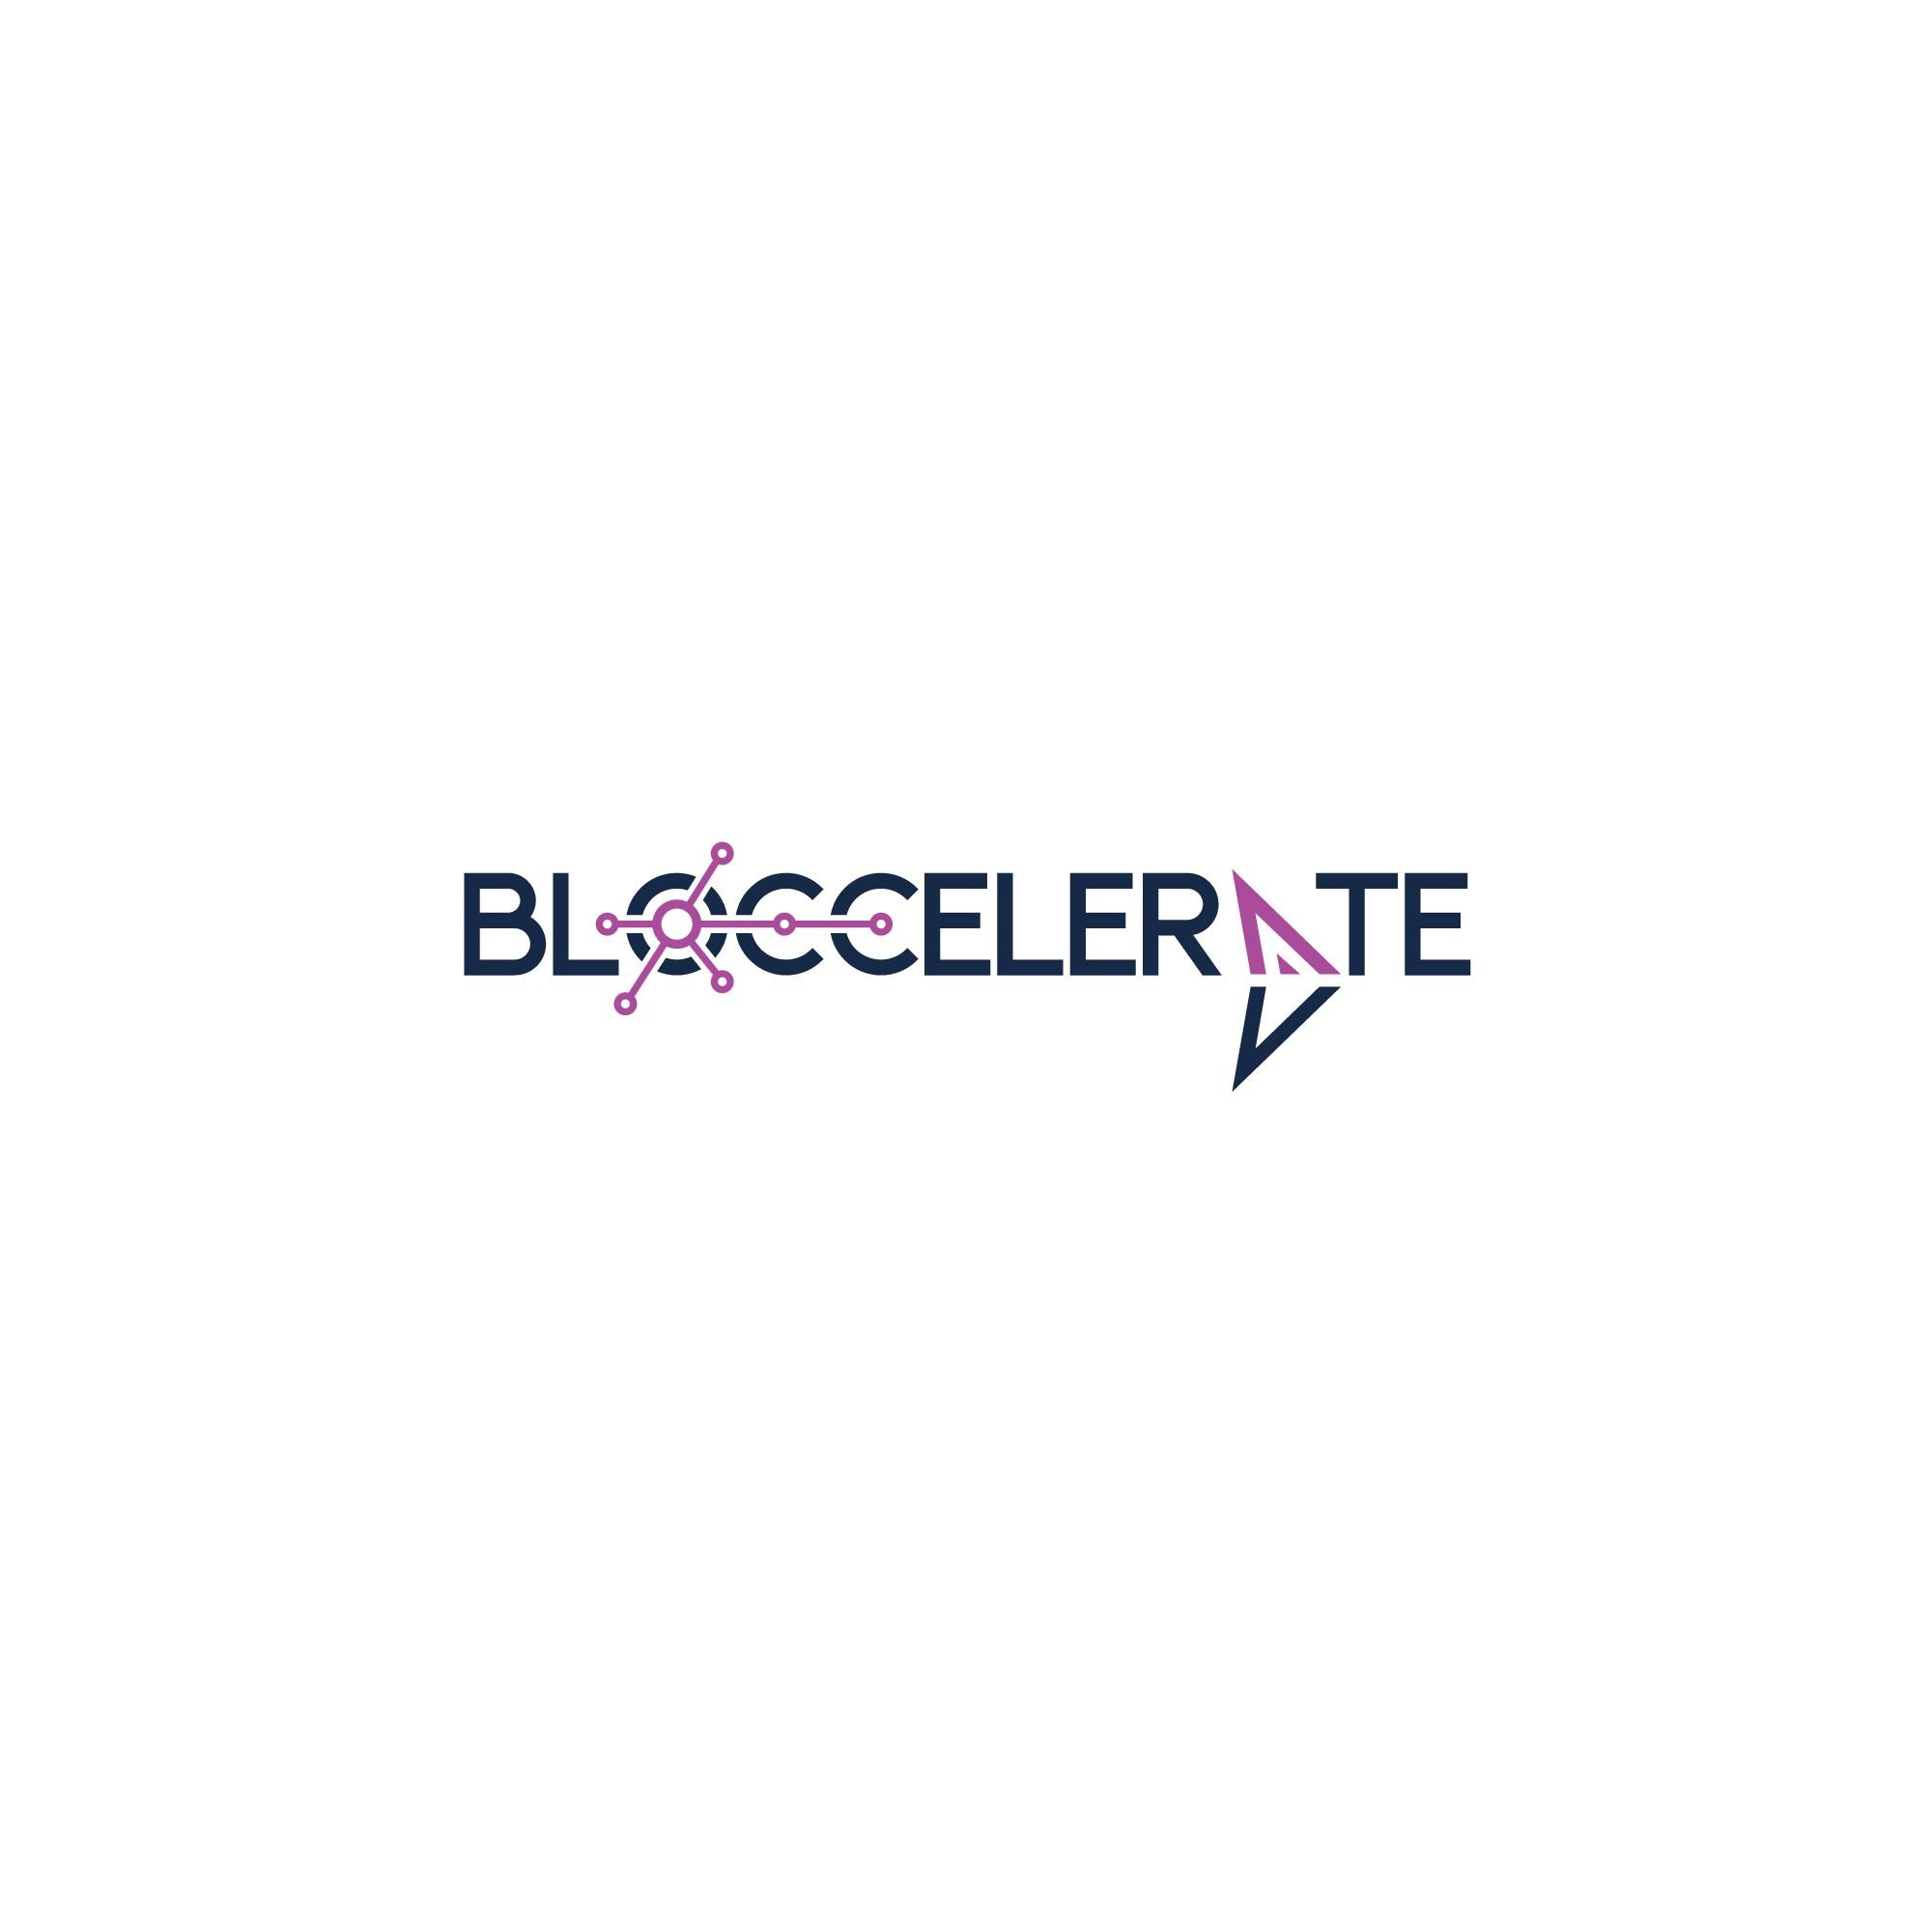 Bloccelerate